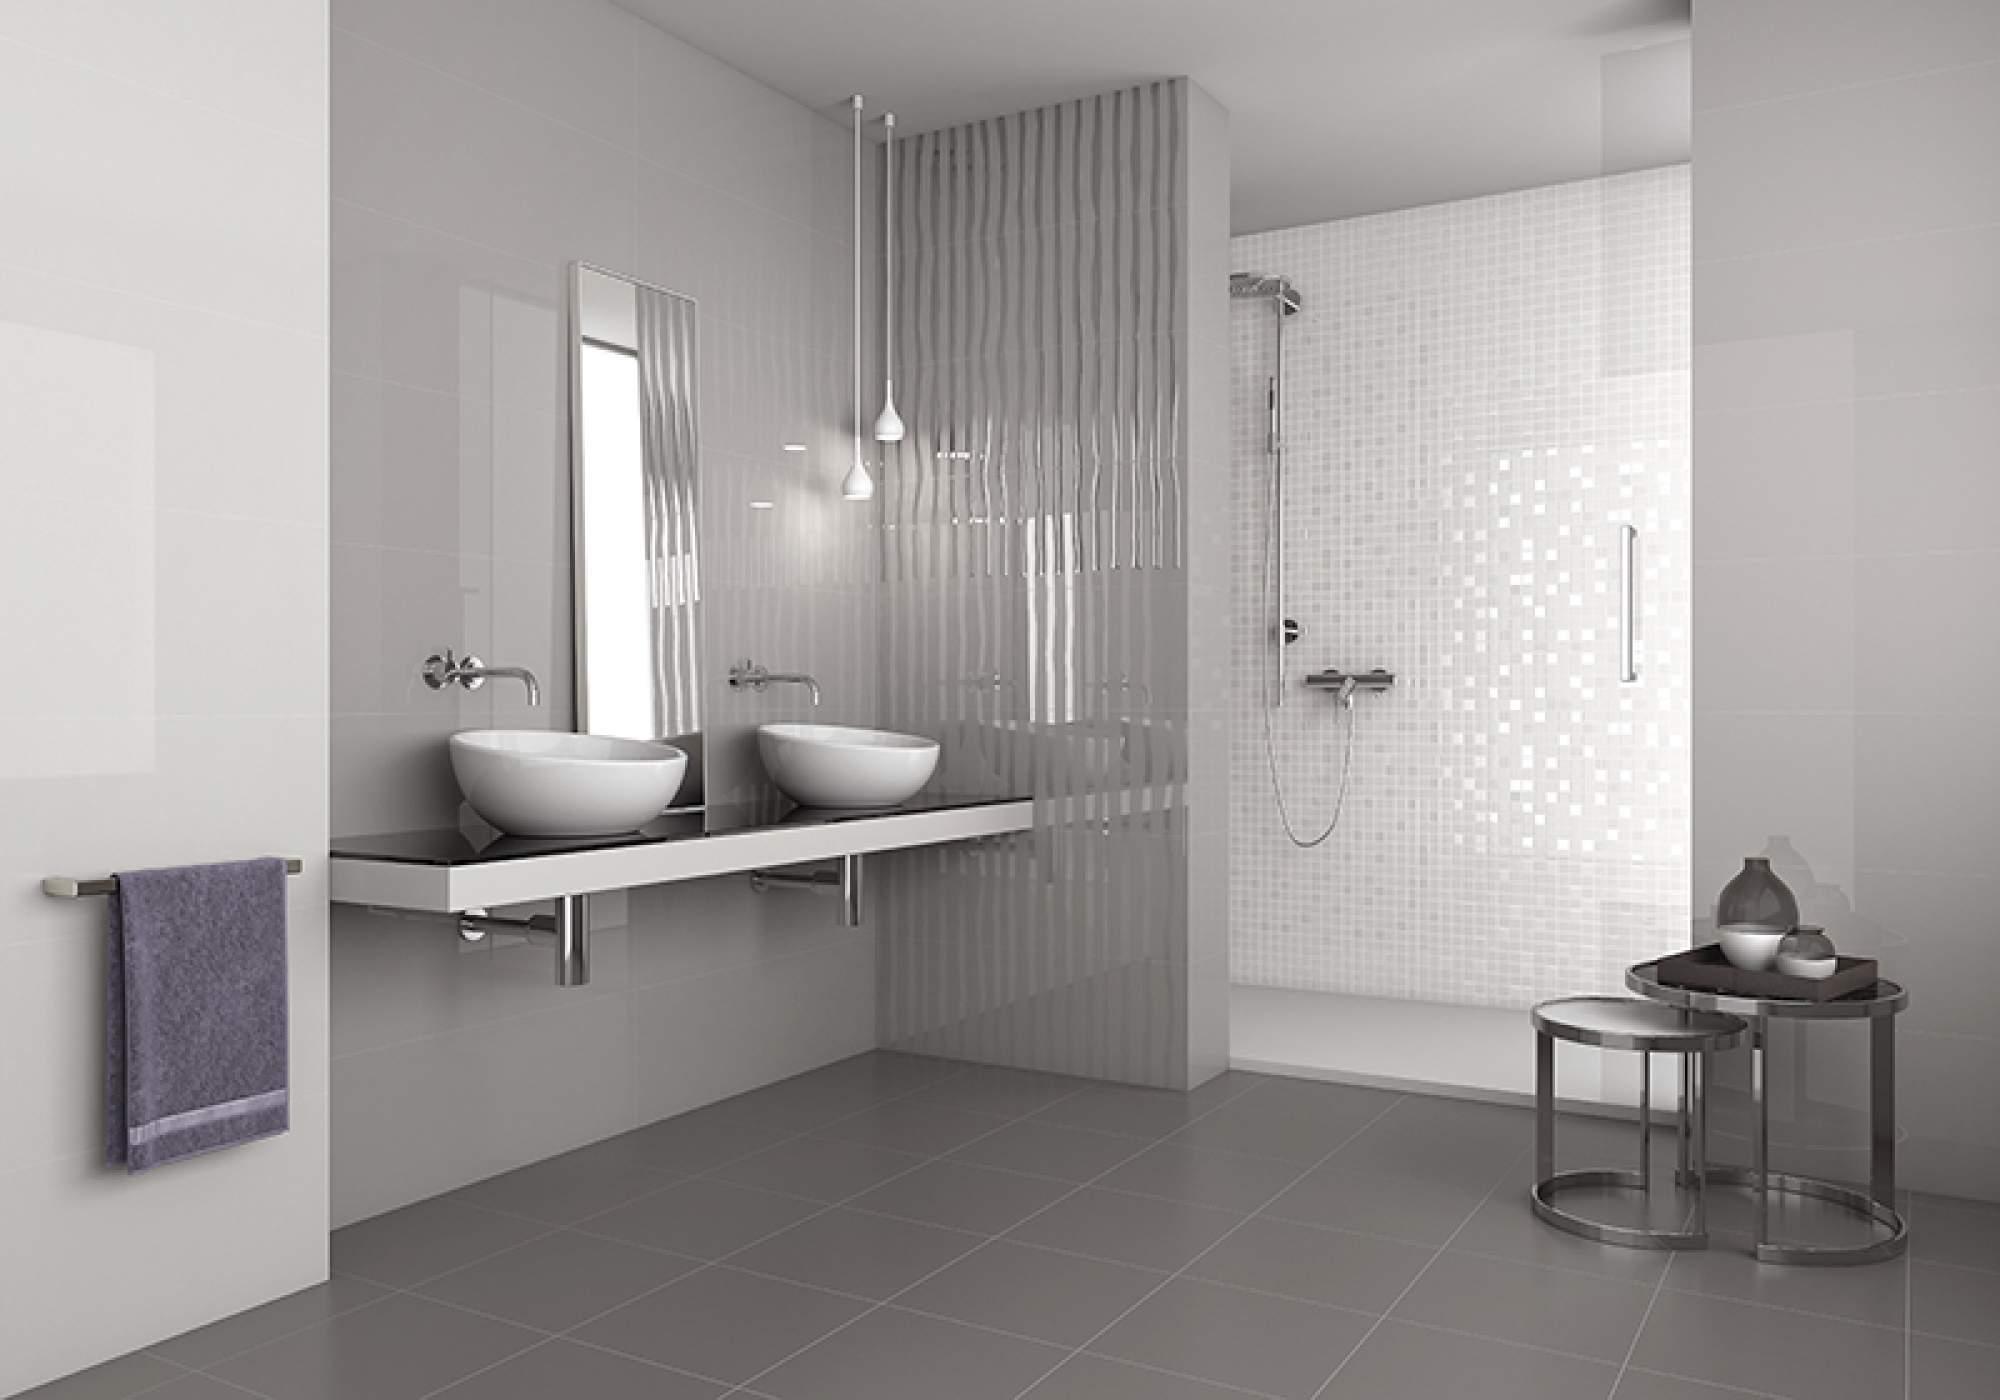 Vente De Carreau Brillant Pour Murs Salle De Bains Eguilles - Carrelage salle de bain mur